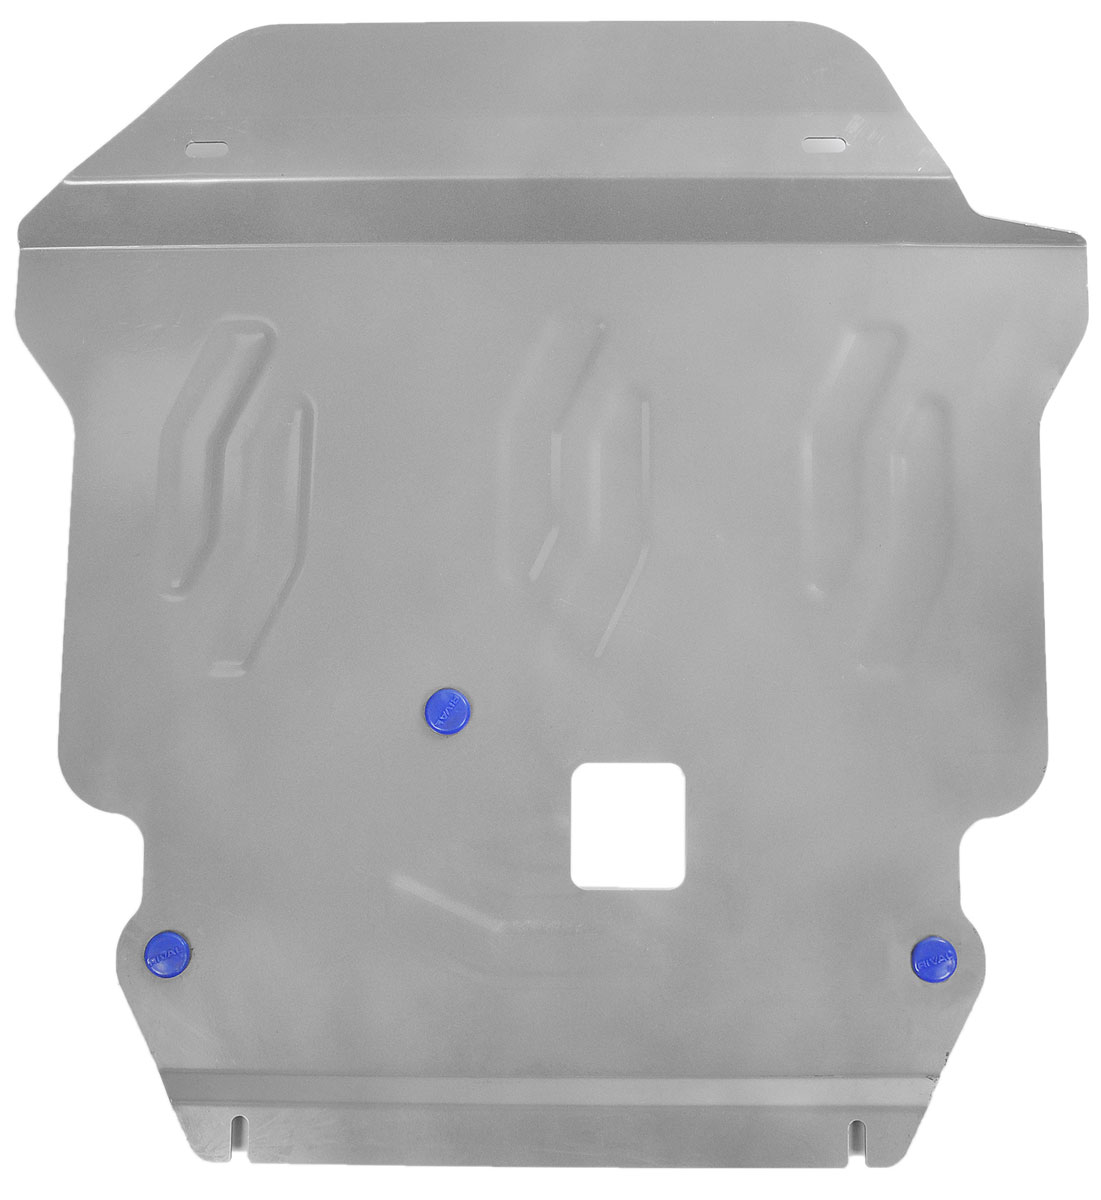 Защита картера и КПП Rival, для Dodge Journey240000Защита картера и КПП для Dodge Journey , V - 3,6 2007- , крепеж в комплекте, алюминий 4 мм, Rival. Надежно защищают днище вашего автомобиля от повреждений, например при наезде на бордюры, а также выполняют эстетическую функцию при установке на высокие автомобили.- Толщина алюминиевых защит в 2 раза толще стальных, а вес при этом меньше до 30%.- Отлично отводит тепло от двигателя своей поверхностью, что спасает двигатель от перегрева в летний период или при высоких нагрузках.- В отличие от стальных, алюминиевые защиты не поддаются коррозии, что гарантирует срок службы защит более 5 лет.- Покрываются порошковой краской, что надолго сохраняет первоначальный вид новой защиты и защищает от гальванической коррозии.- Глубокий штамп дополнительно усиливает конструкцию защиты.- Подштамповка в местах крепления защищает крепеж от срезания.- Технологические отверстия там, где они необходимы для смены масла и слива воды, оборудованные заглушками, надежно закрепленными на защите.Уважаемые клиенты!Обращаем ваше внимание, на тот факт, что защита имеет форму, соответствующую модели данного автомобиля. Фото служит для визуального восприятия товара.